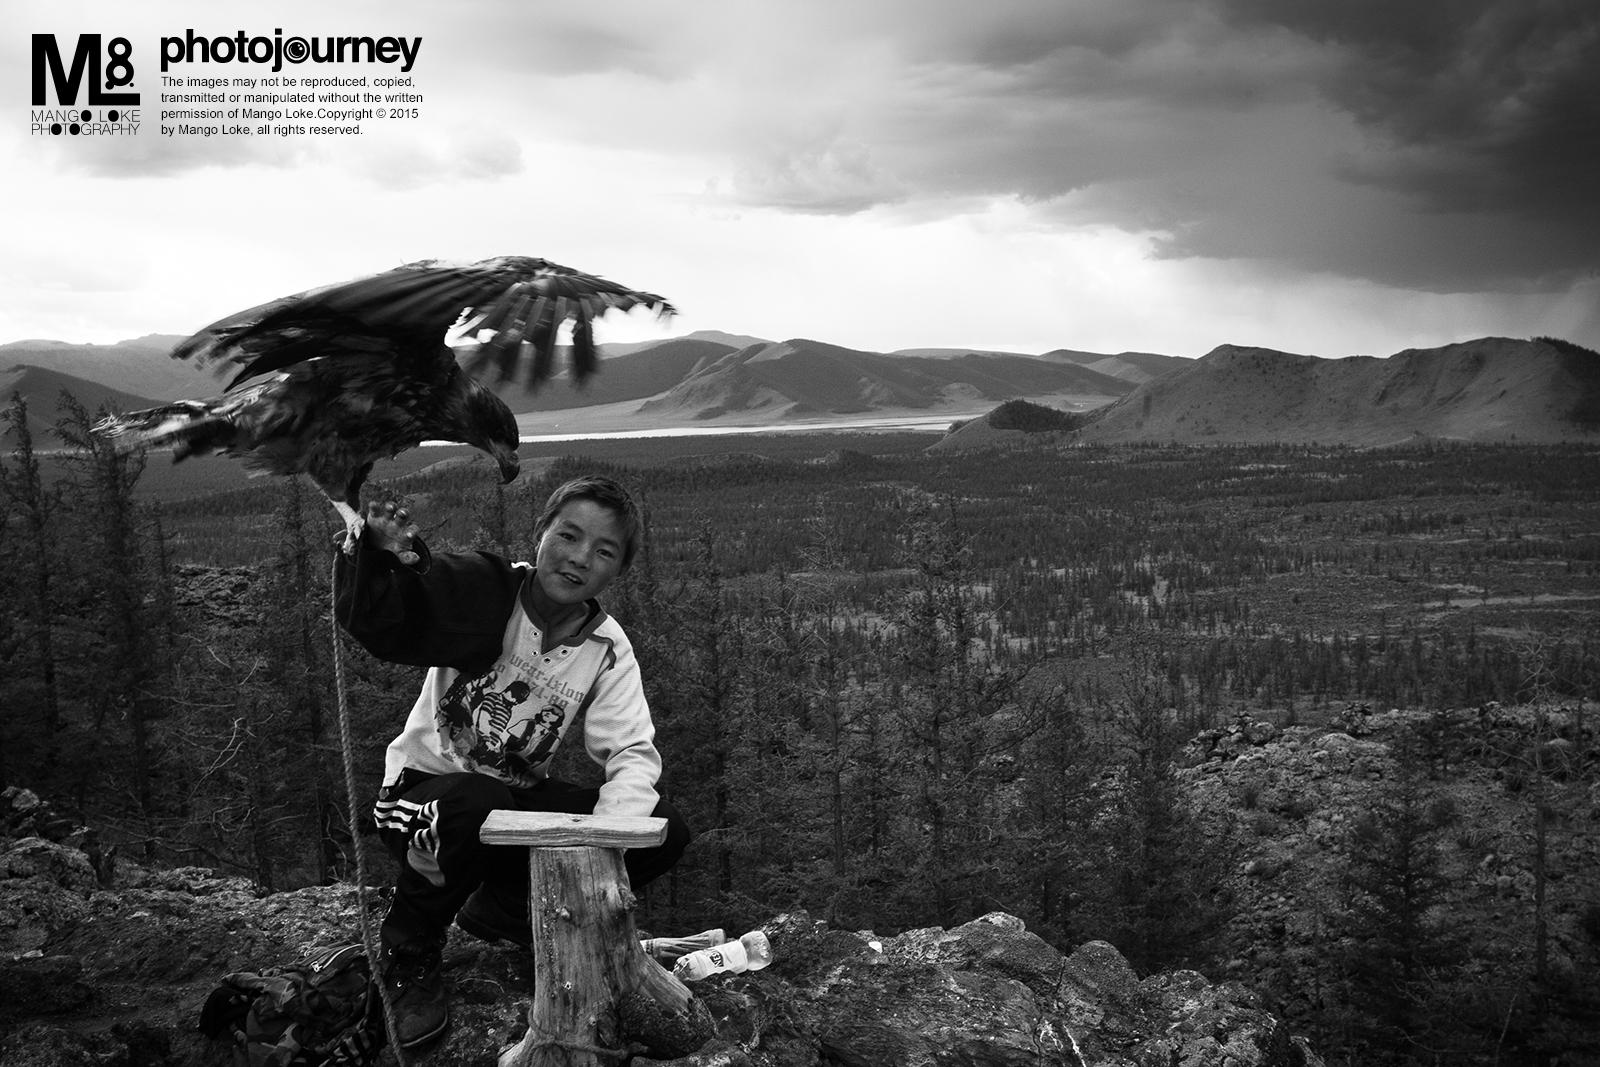 大漠孩儿.The Mongolian Kids.  蒙古.Mongolia 2011 CANON 1DMKIII 16-35MM F2.8L 1/60 F10 ISO640   一名当地的孩童,带着他的宠物-鹰,在一座死火山口旅游区提供玩鹰体验的服务. -蒙古2011